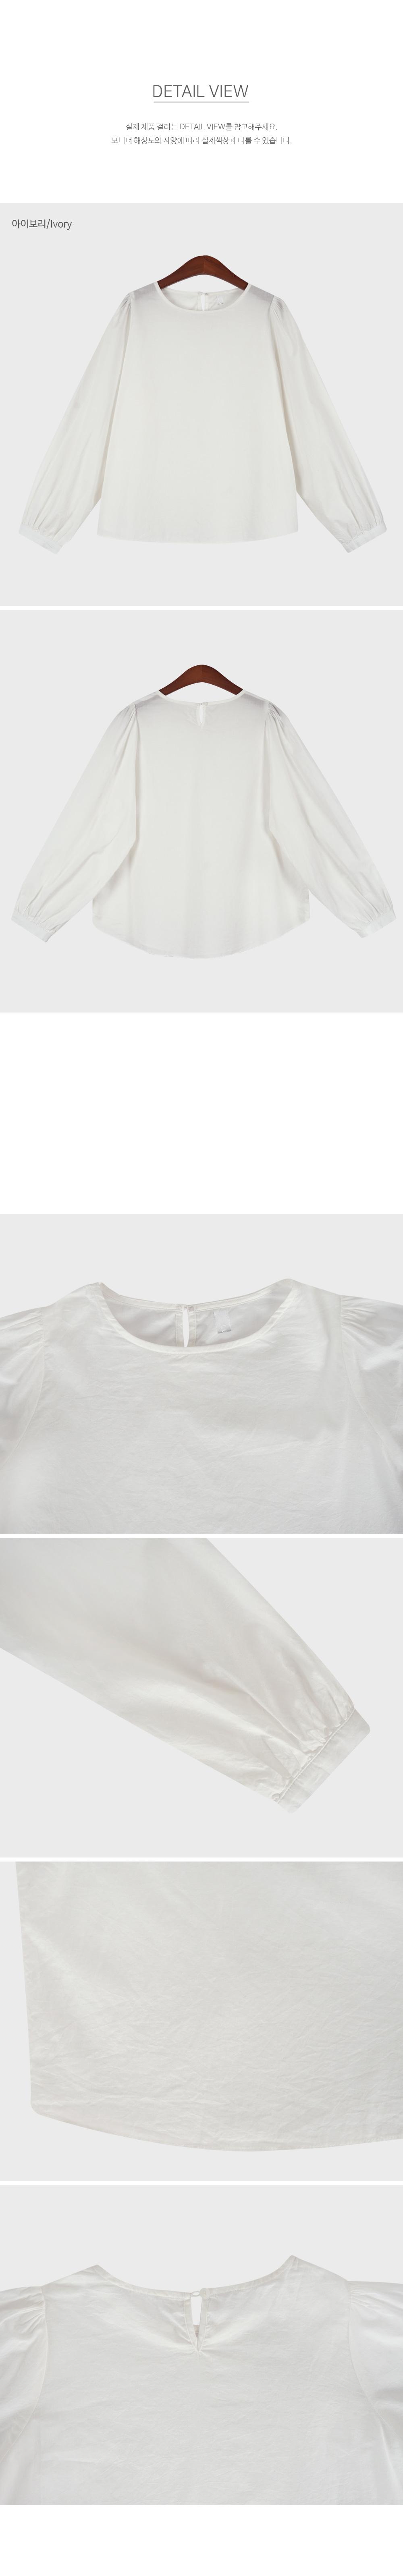 Minimal Round Neck Blouse-holiholic.com